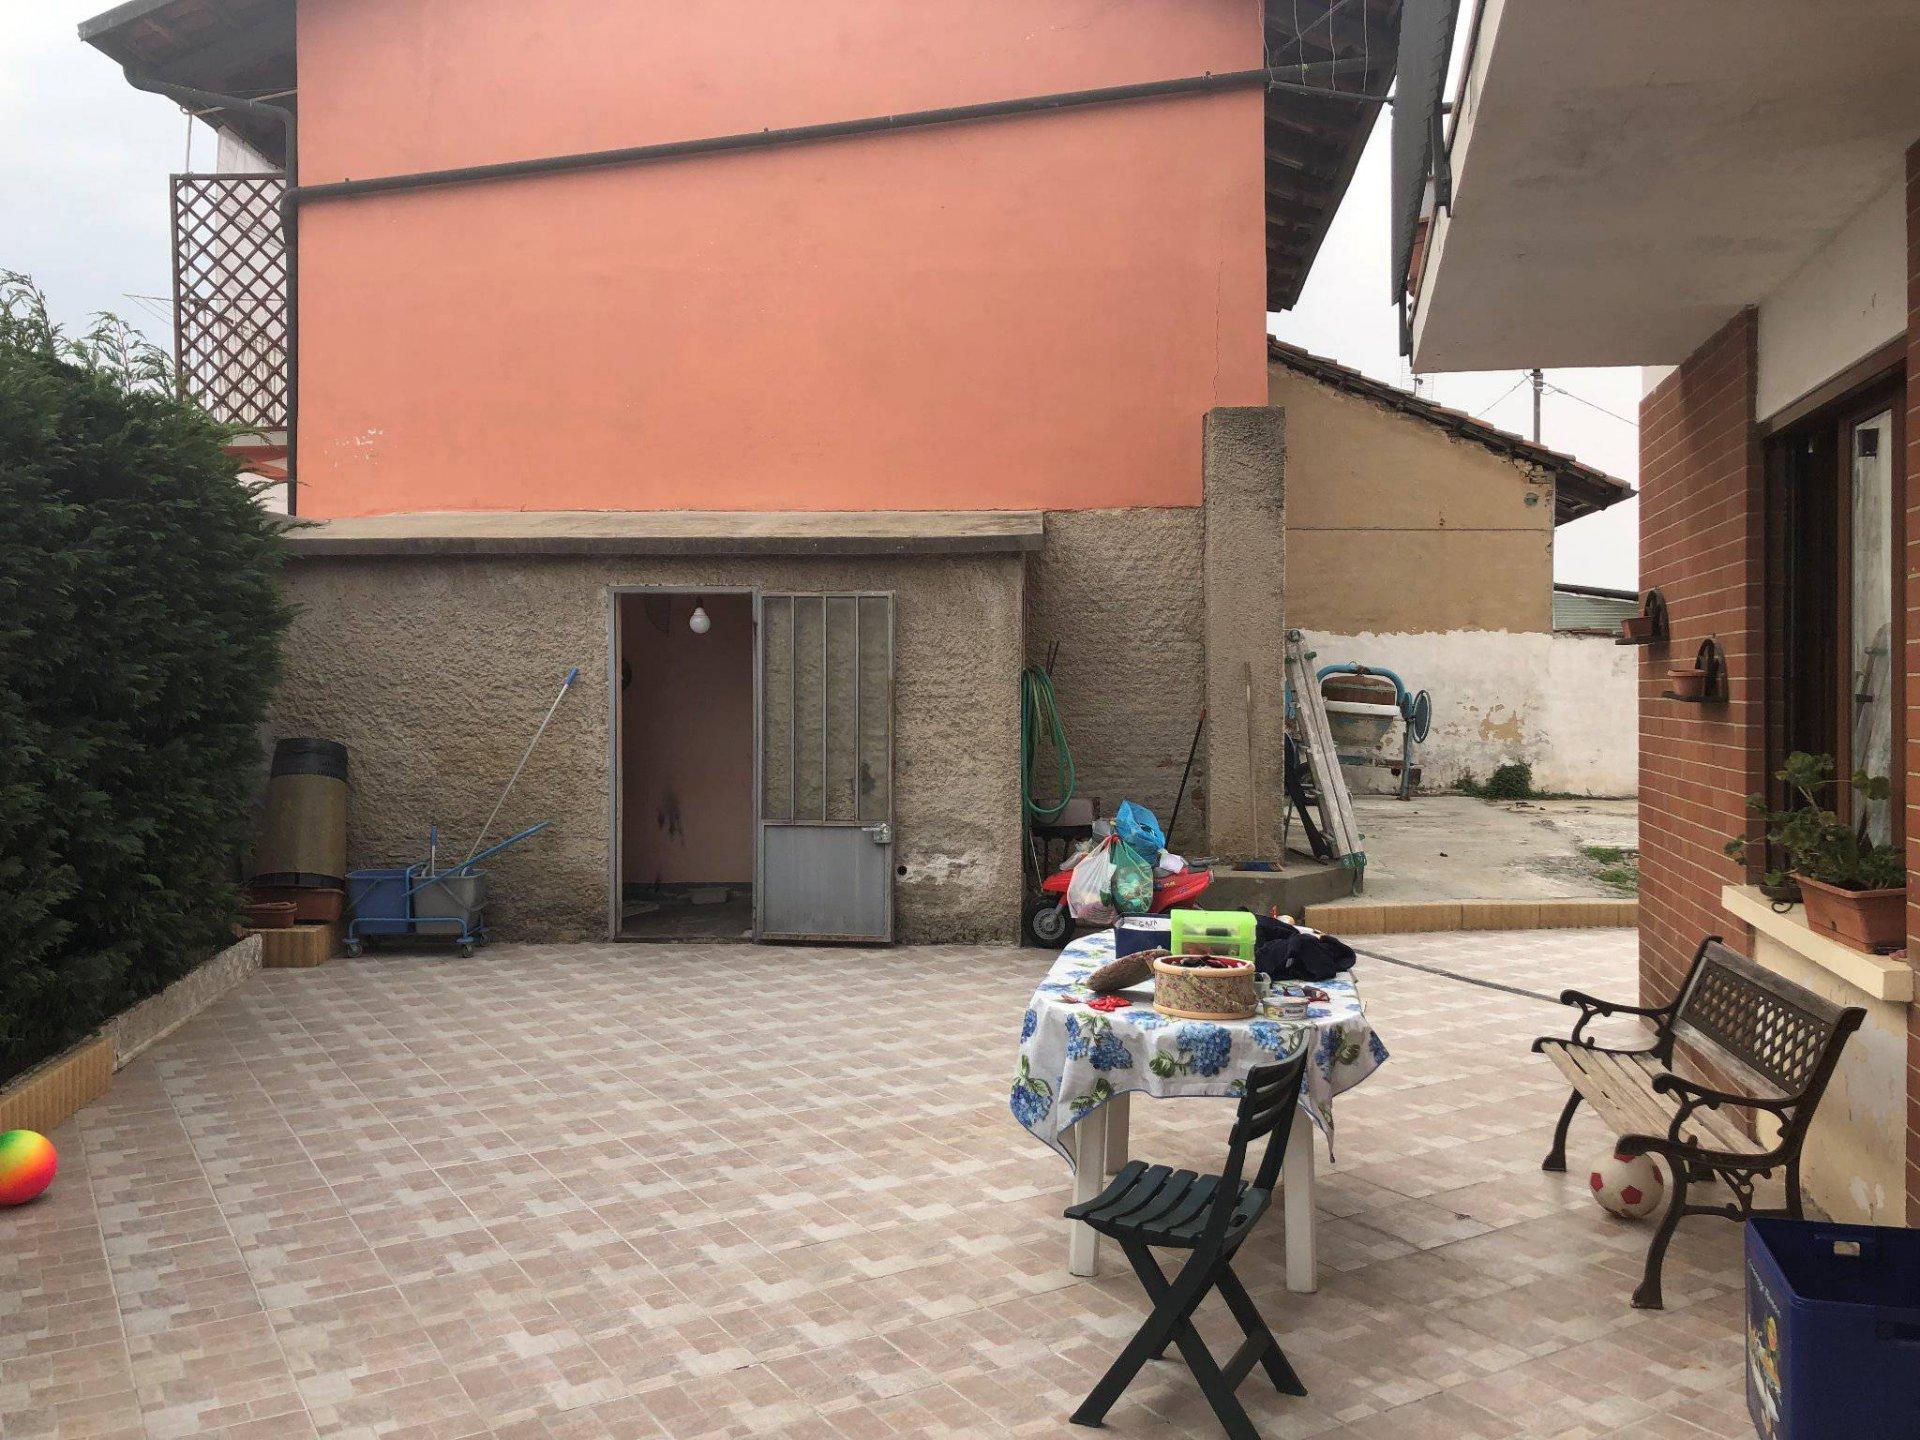 Casa in centro con cortile privato